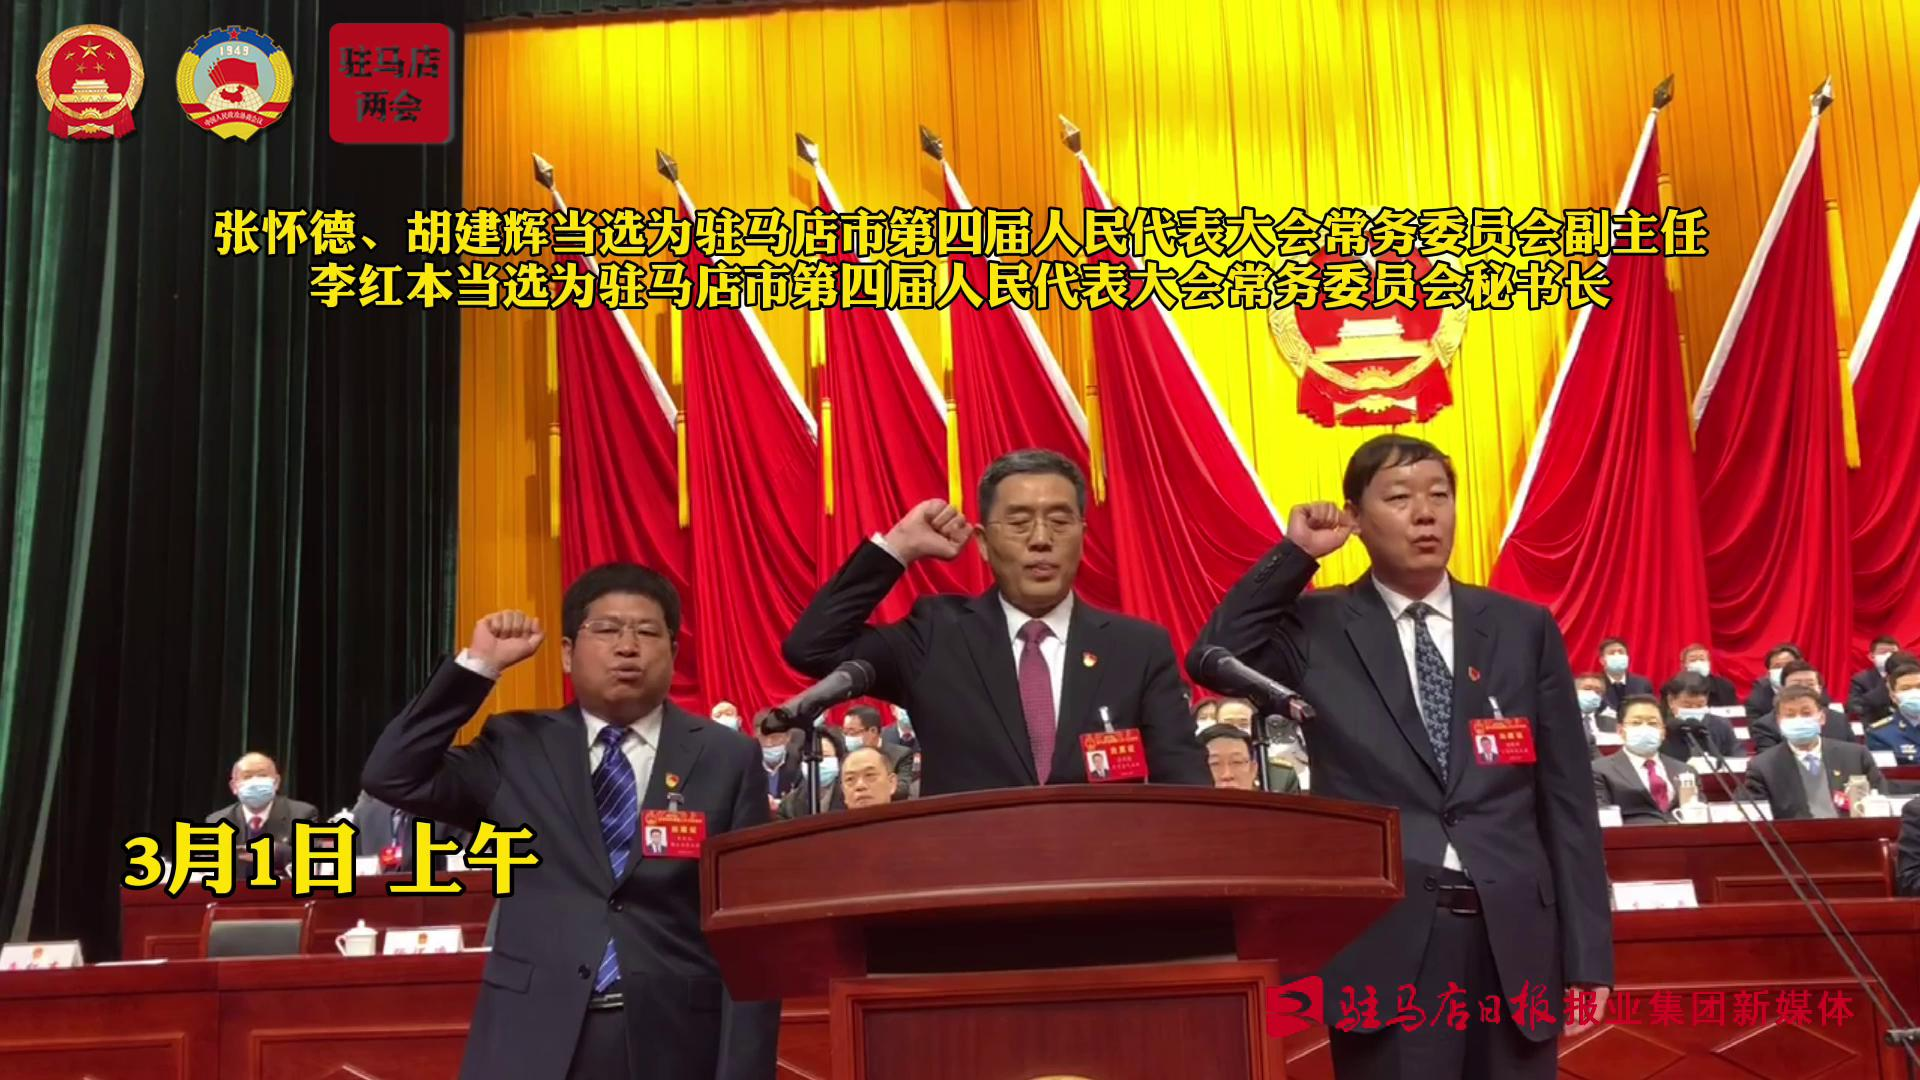 聚焦两会|张怀德、胡建辉当选驻马店市四届人大常委会副主任